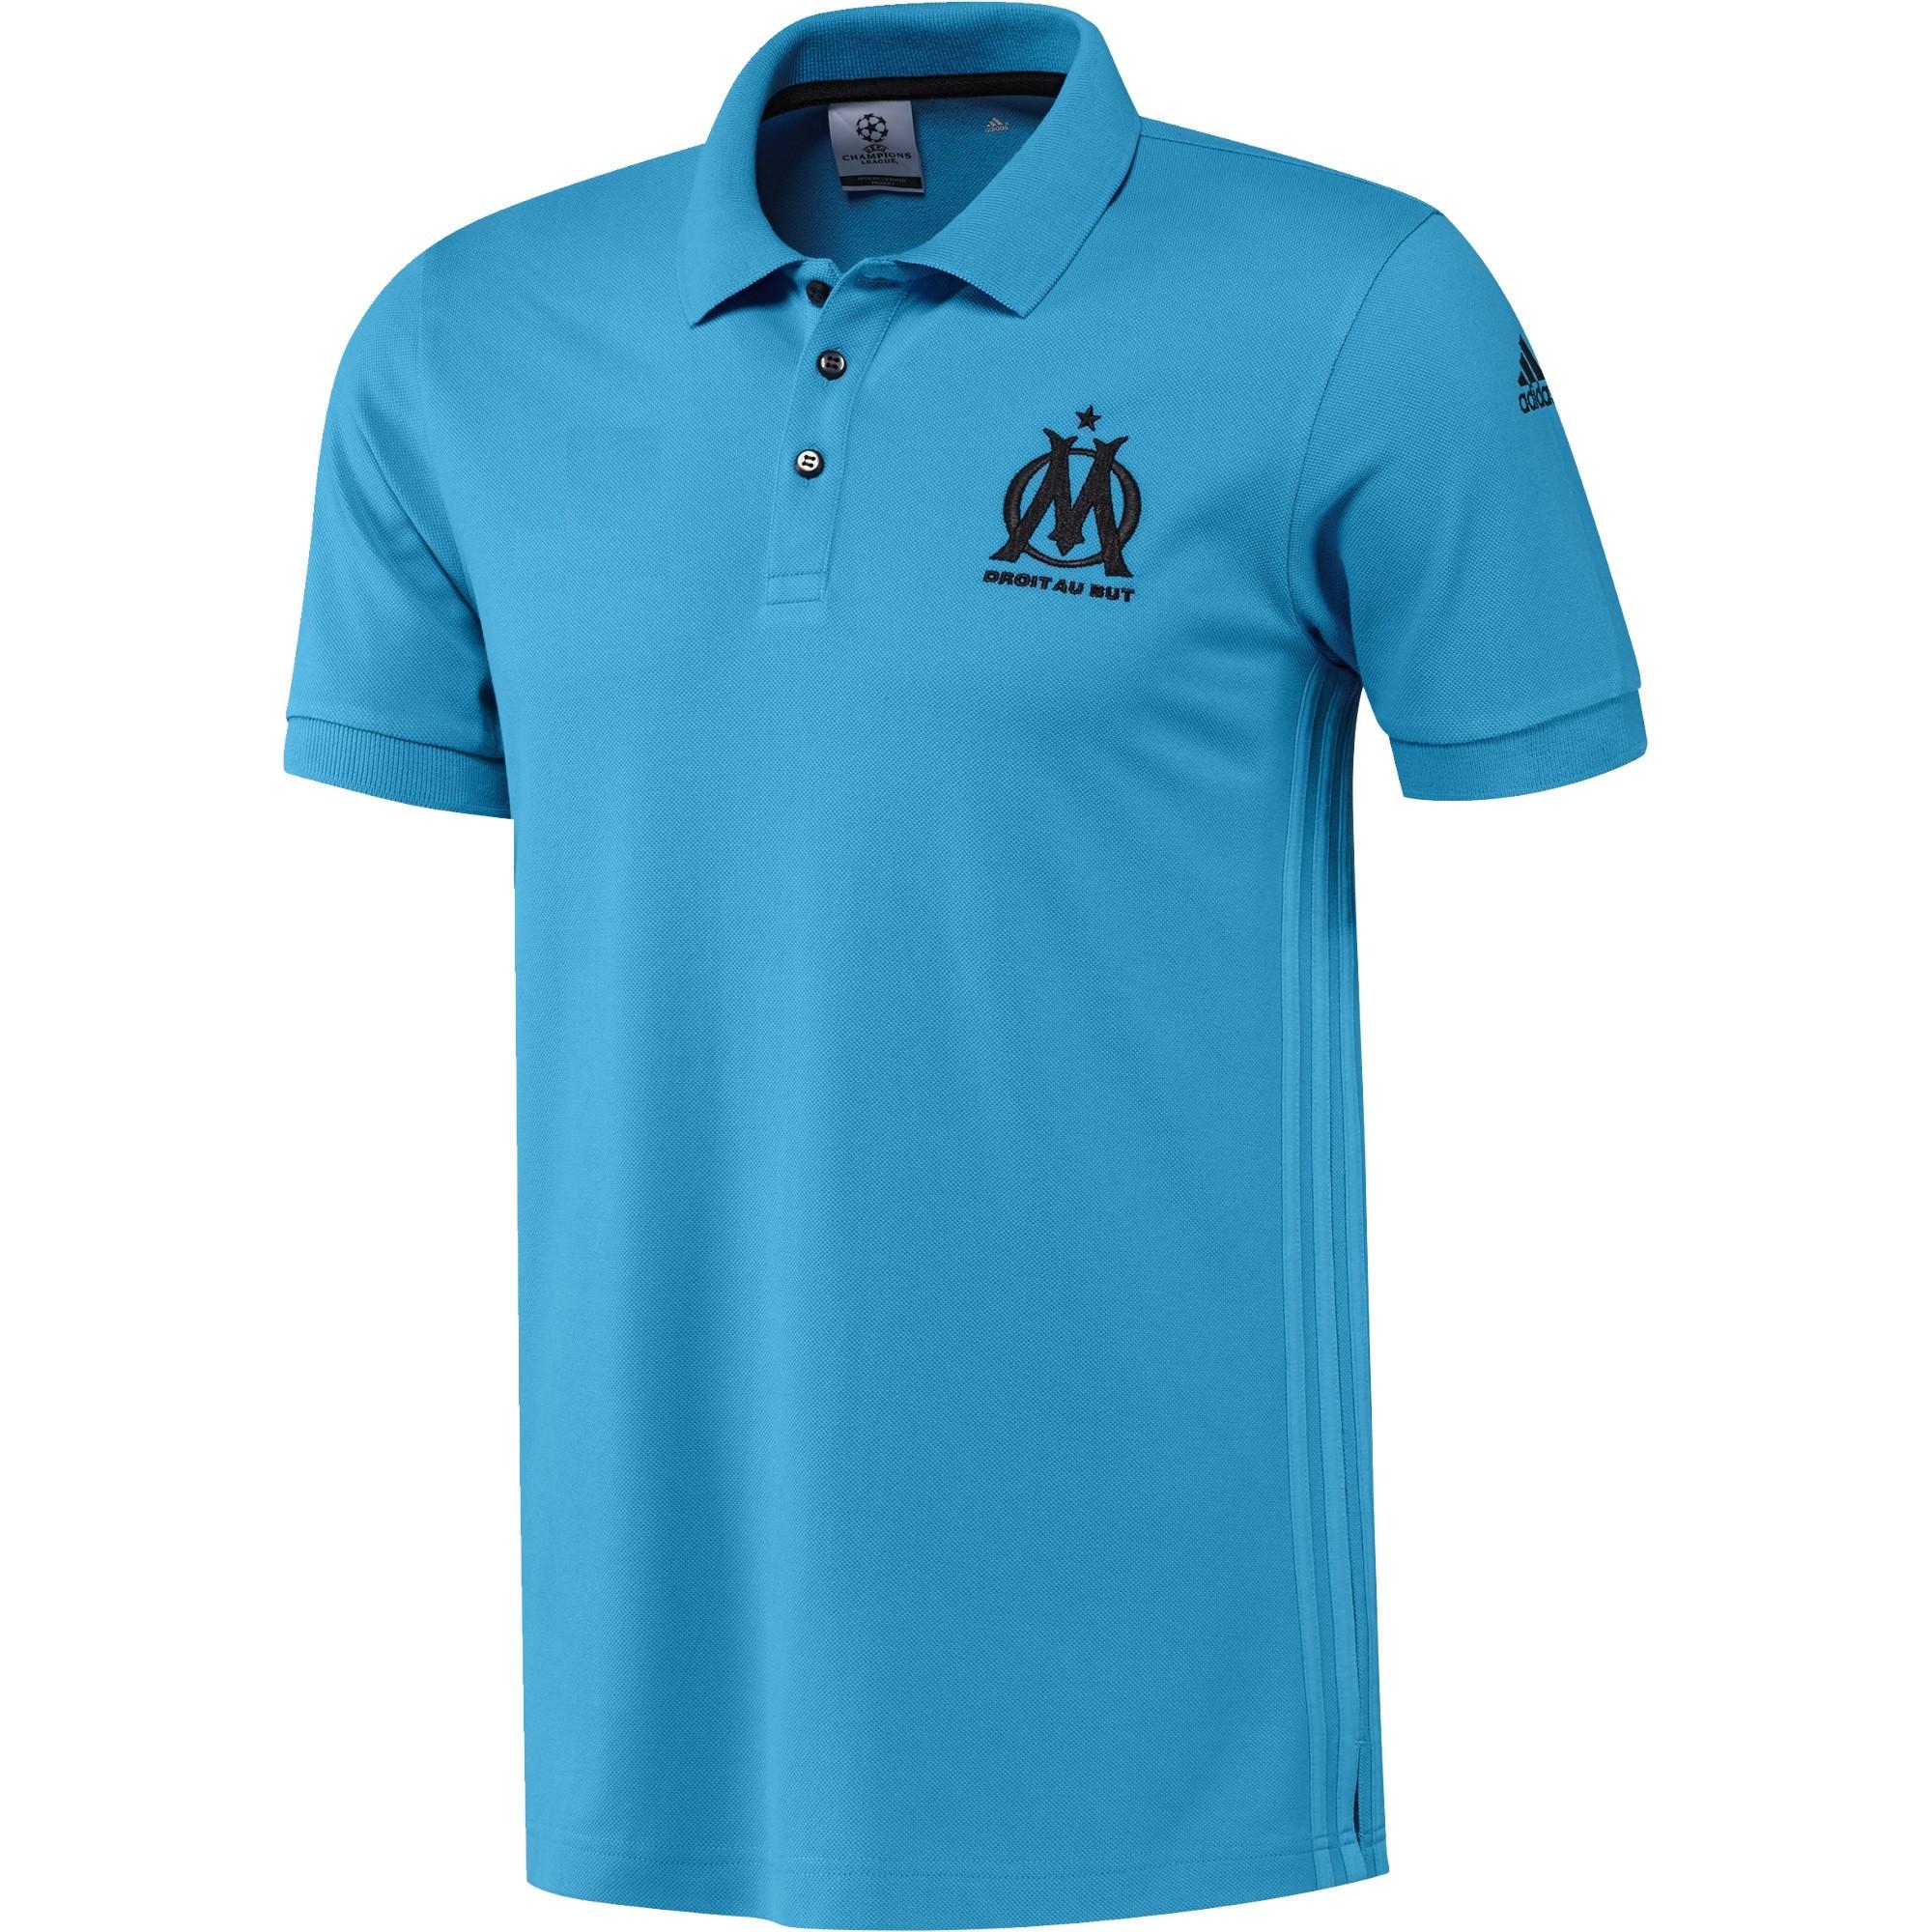 Adidas Polo Olympique Marseille Eu Bleu Club De 20162017 Om wPNOXnk80